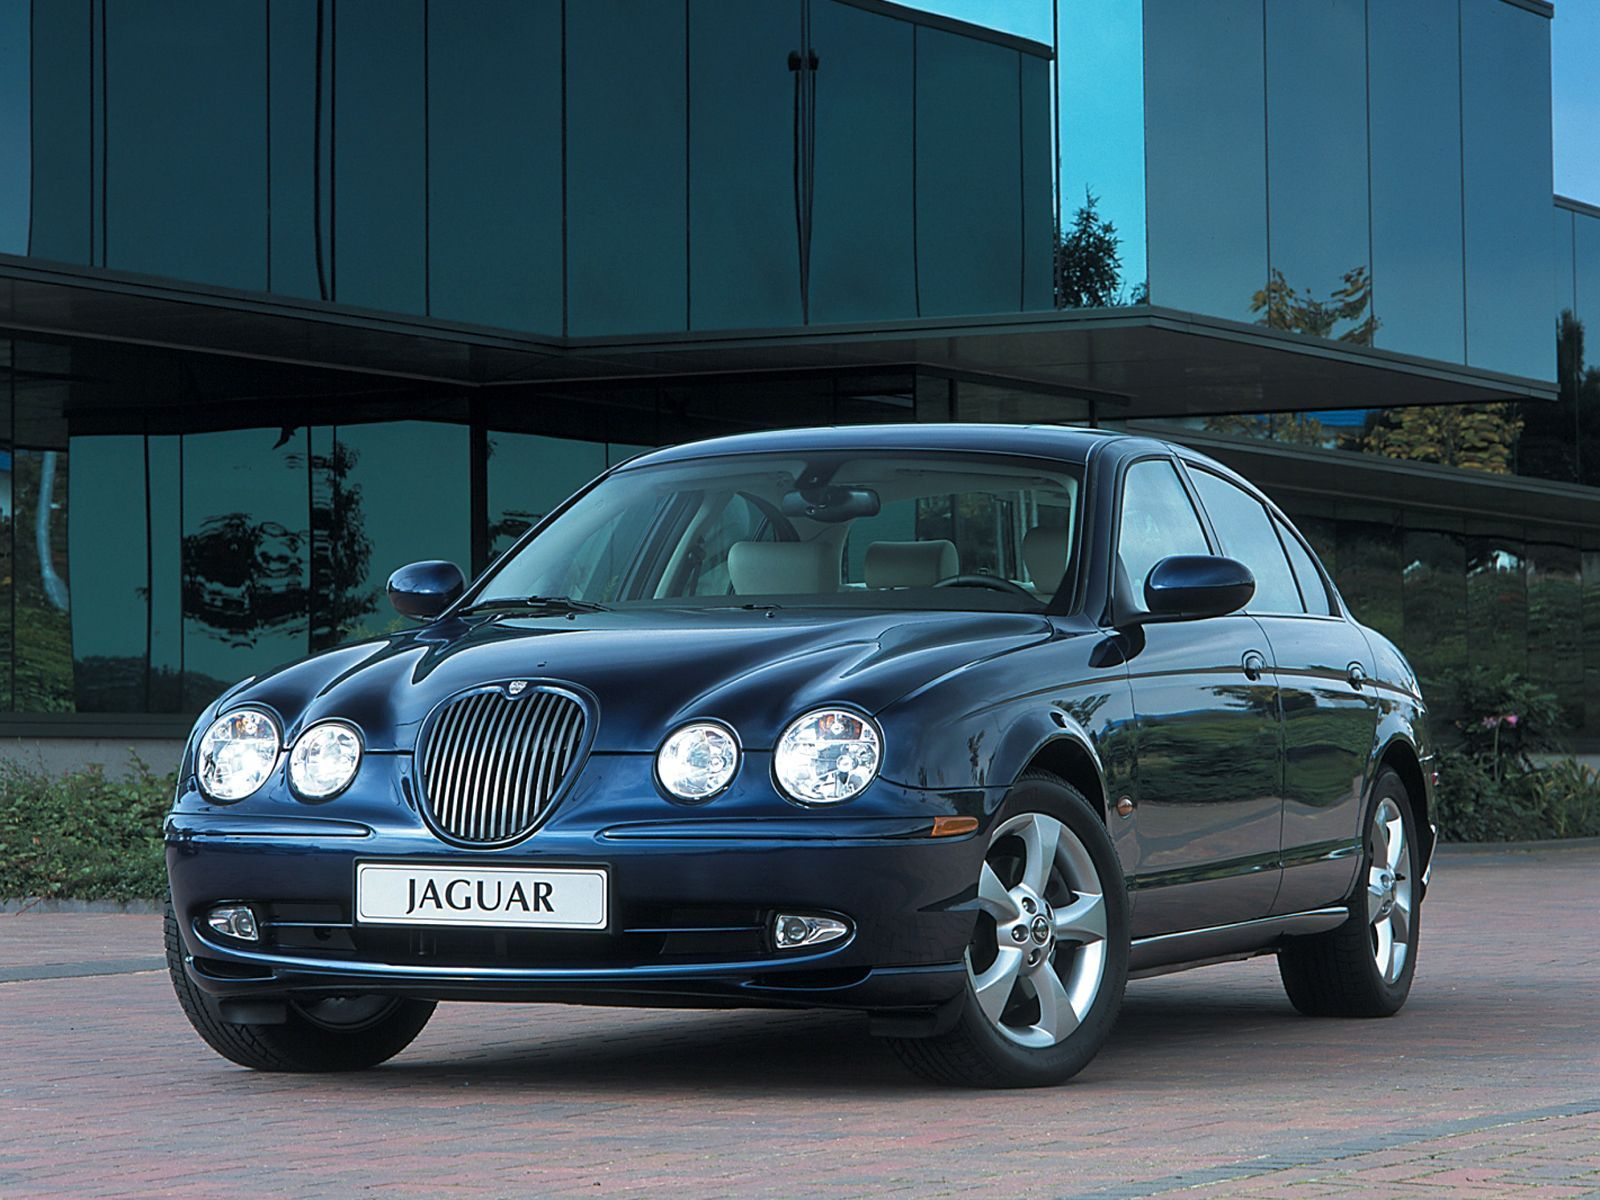 2003 Jaguar S-TYPE - Exterior Pictures - CarGurus